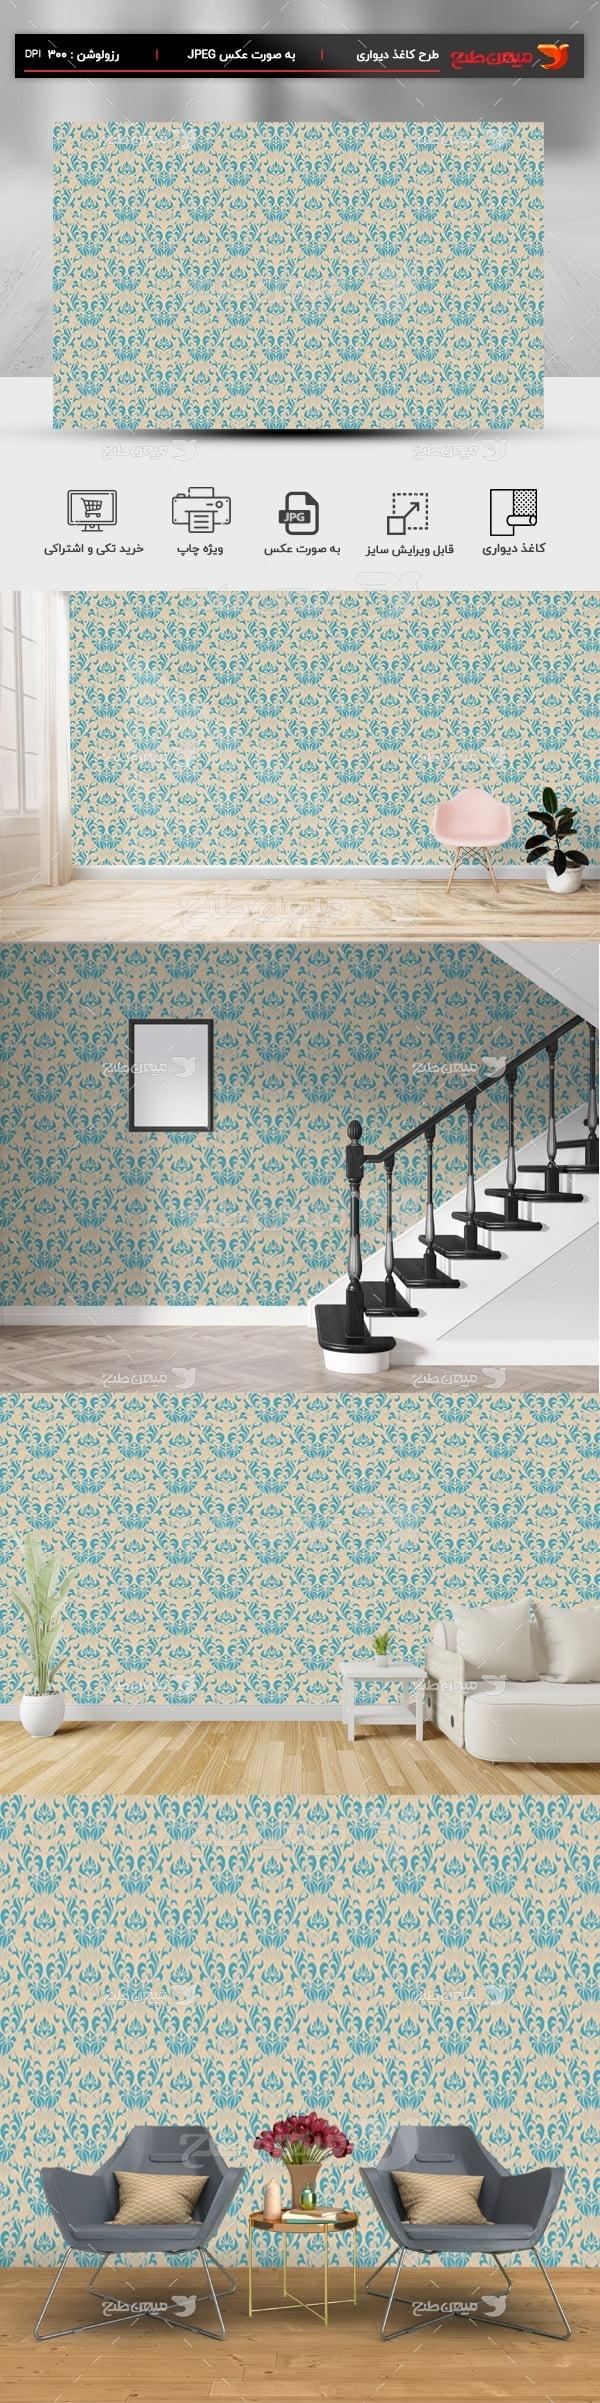 پوستر کاغذ دیواری ساده مدل بک گراند کرم و سبز آبی